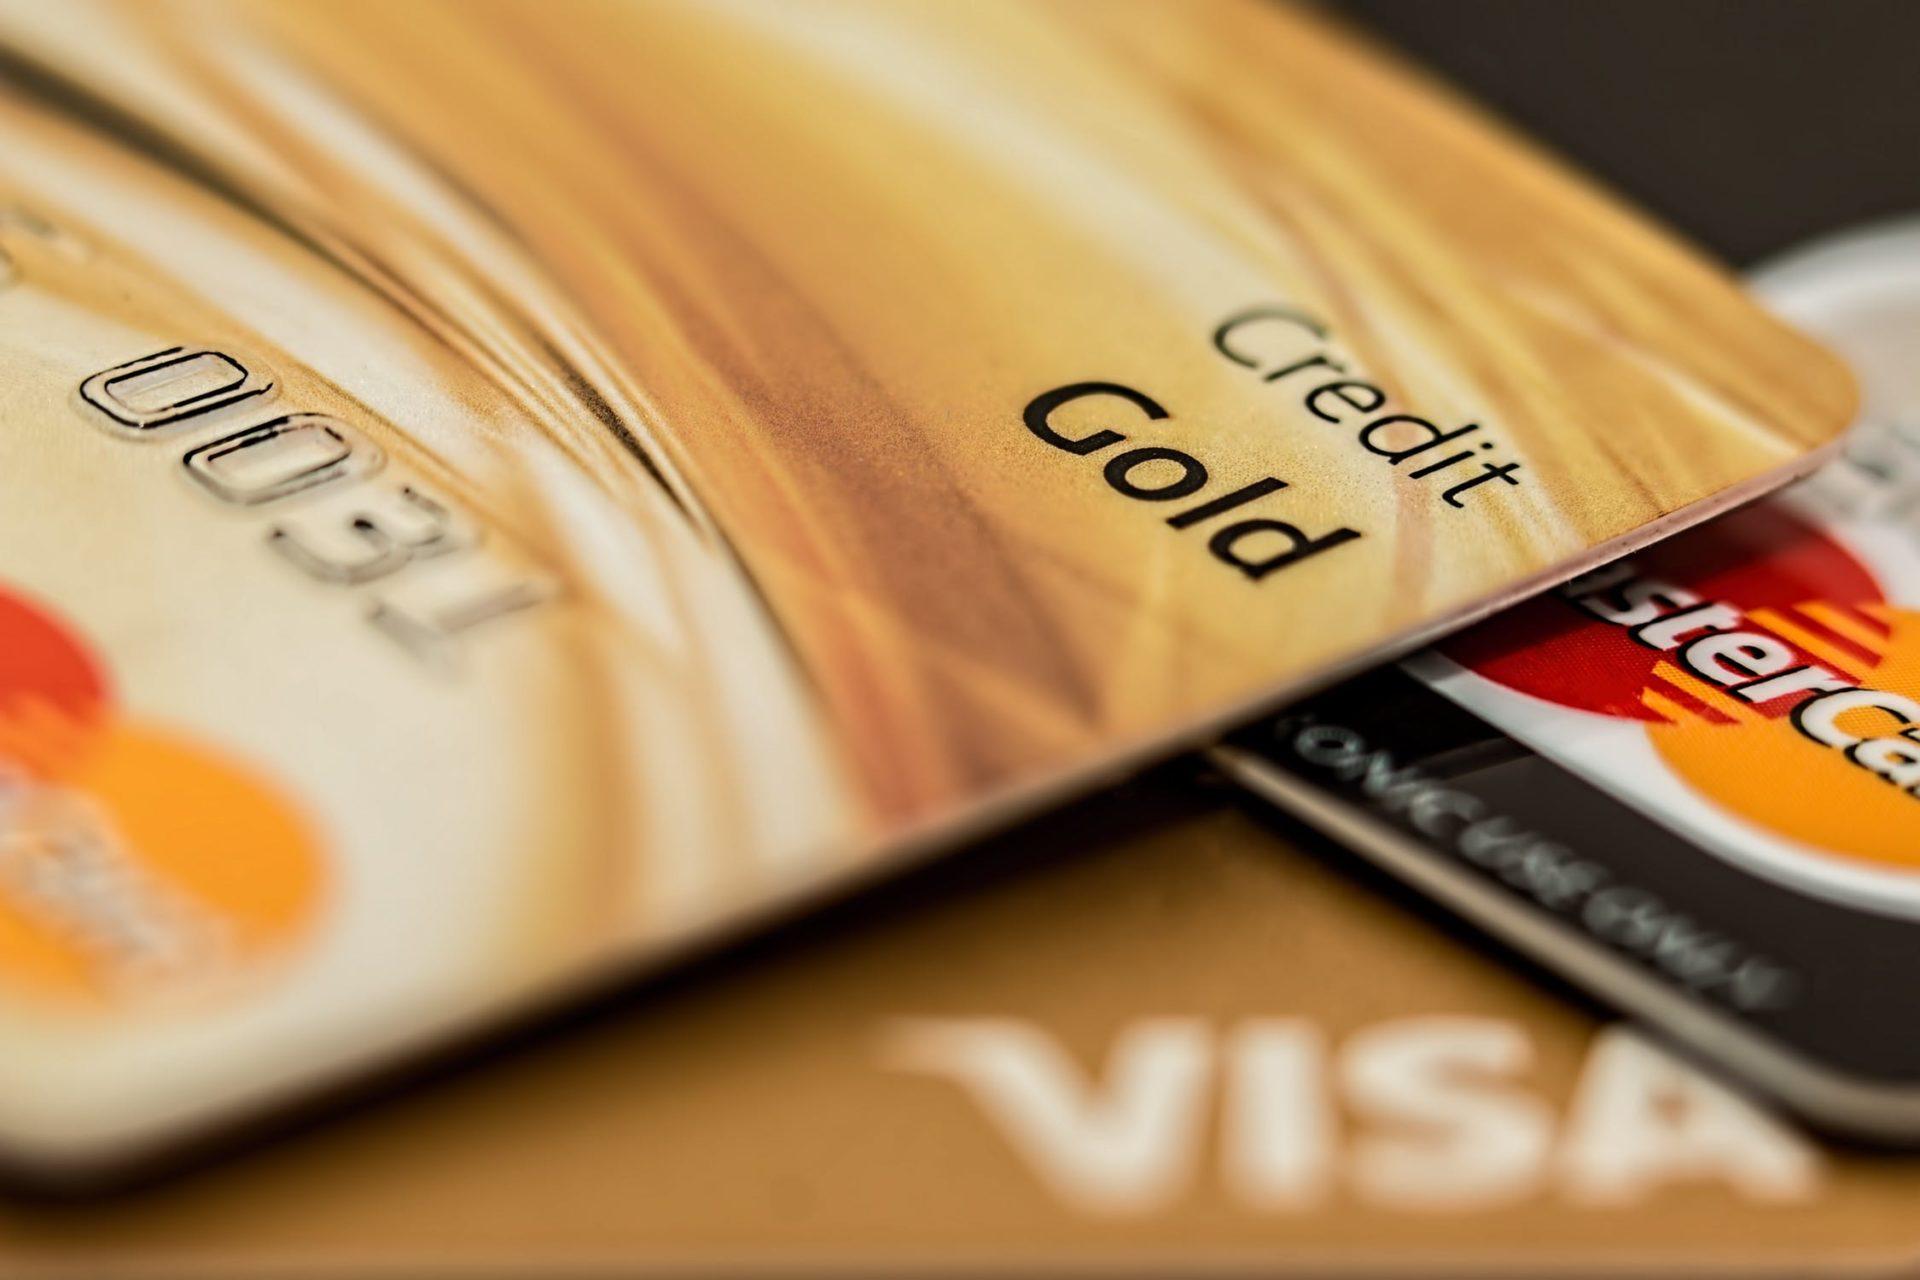 Close view of Visa and Mastercard credit cards